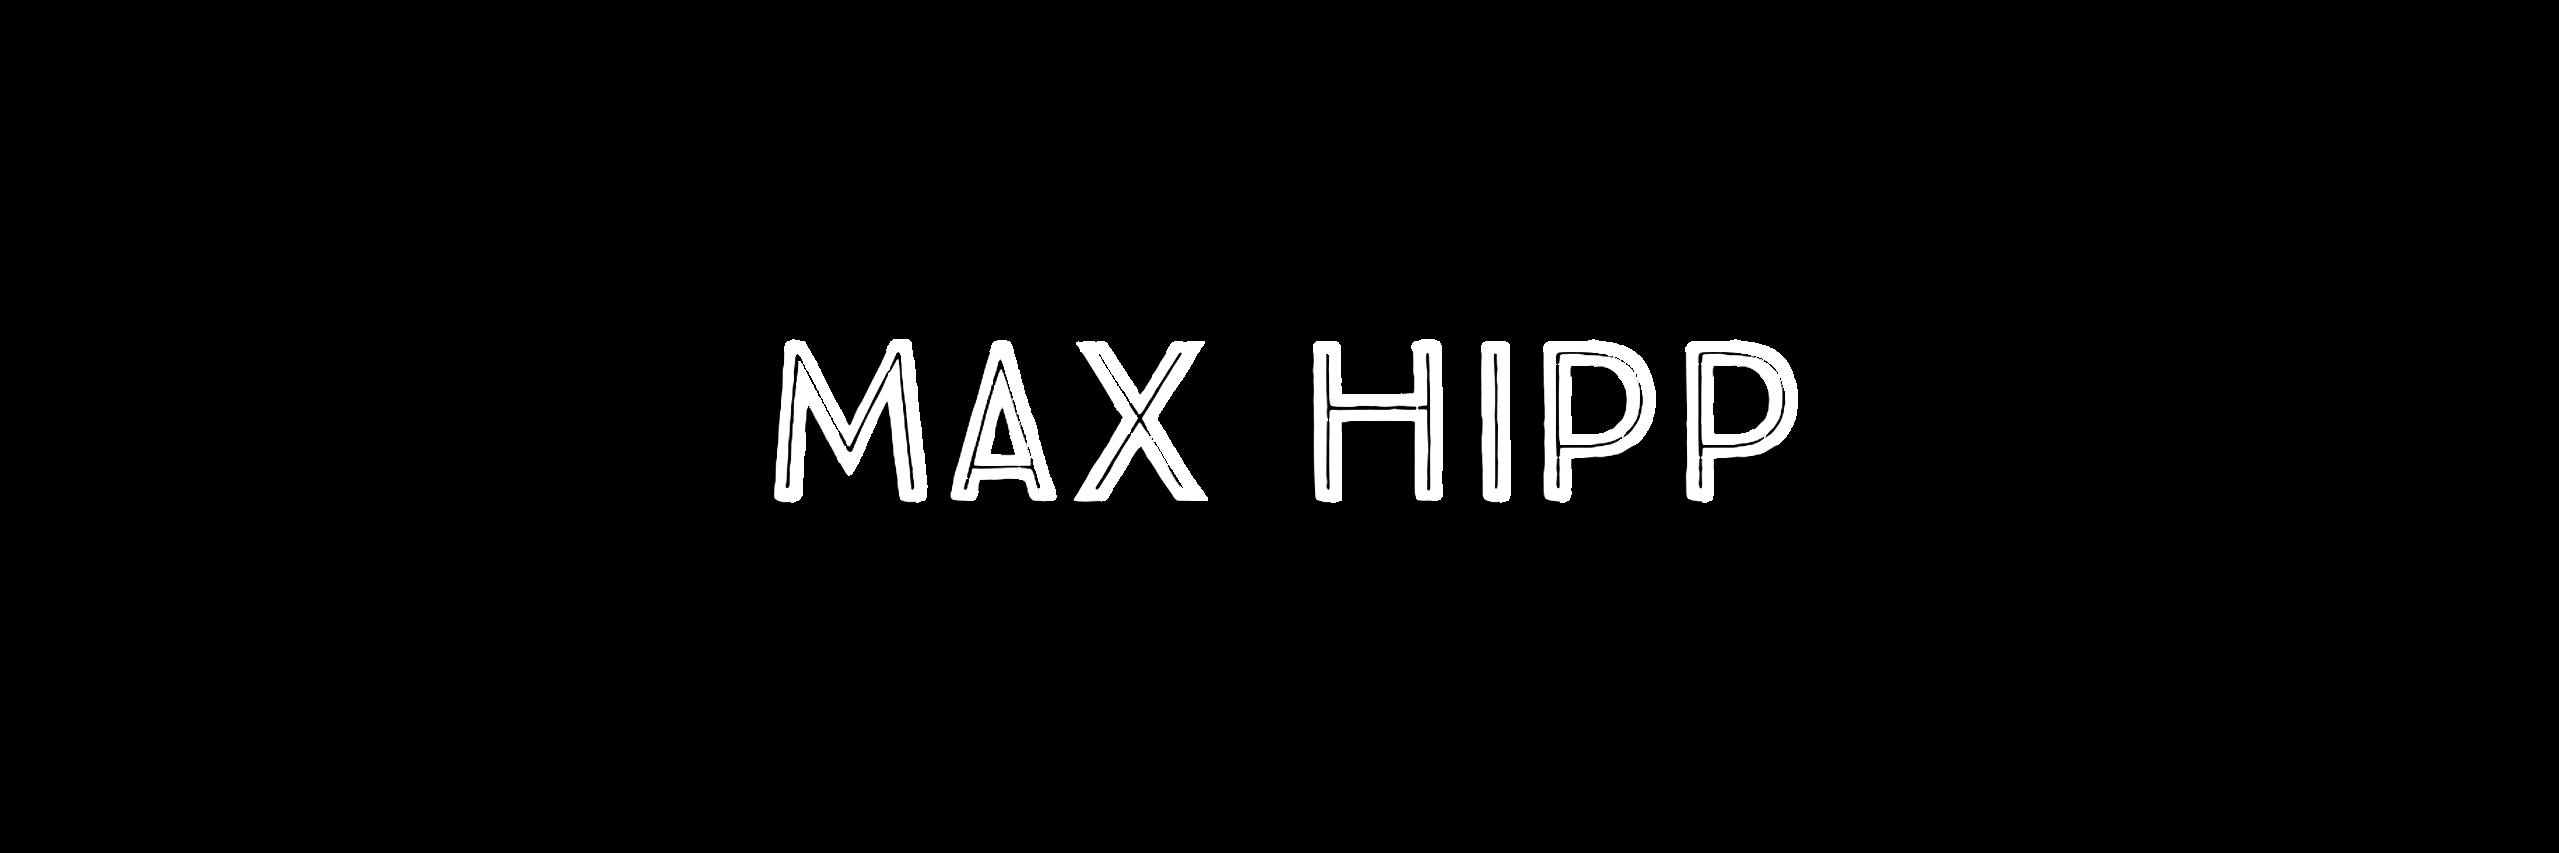 Max Hipp